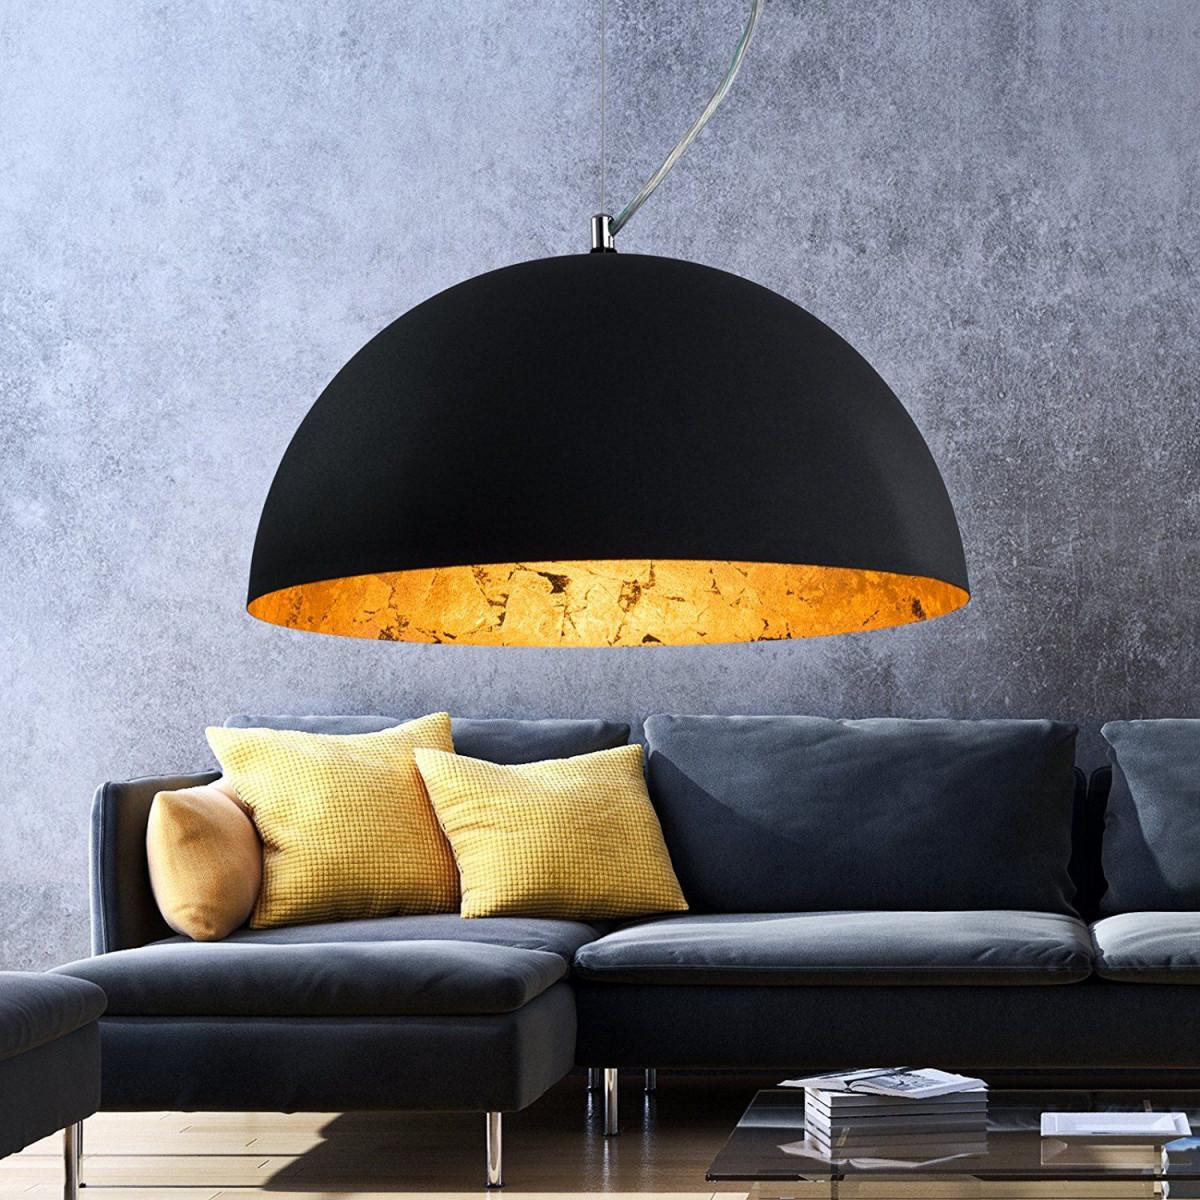 Luxus Hängelampe  Hängeleuchte Studio  Retro  Vintage von Deckenlampe Wohnzimmer Industrie Bild